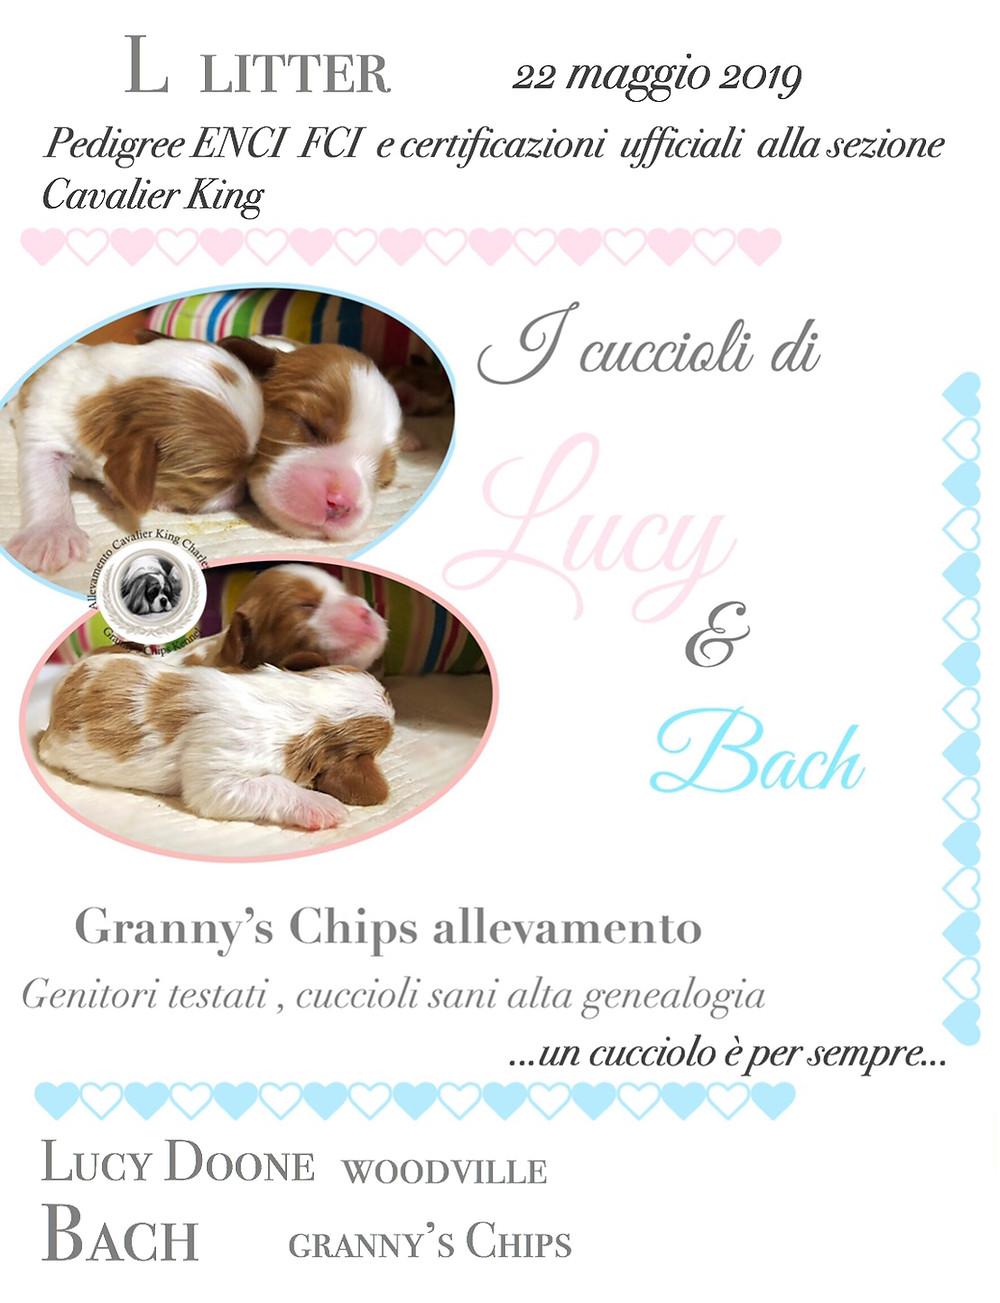 Contatta Granny's Chips per conoscere le nostre future cucciolate disponibili